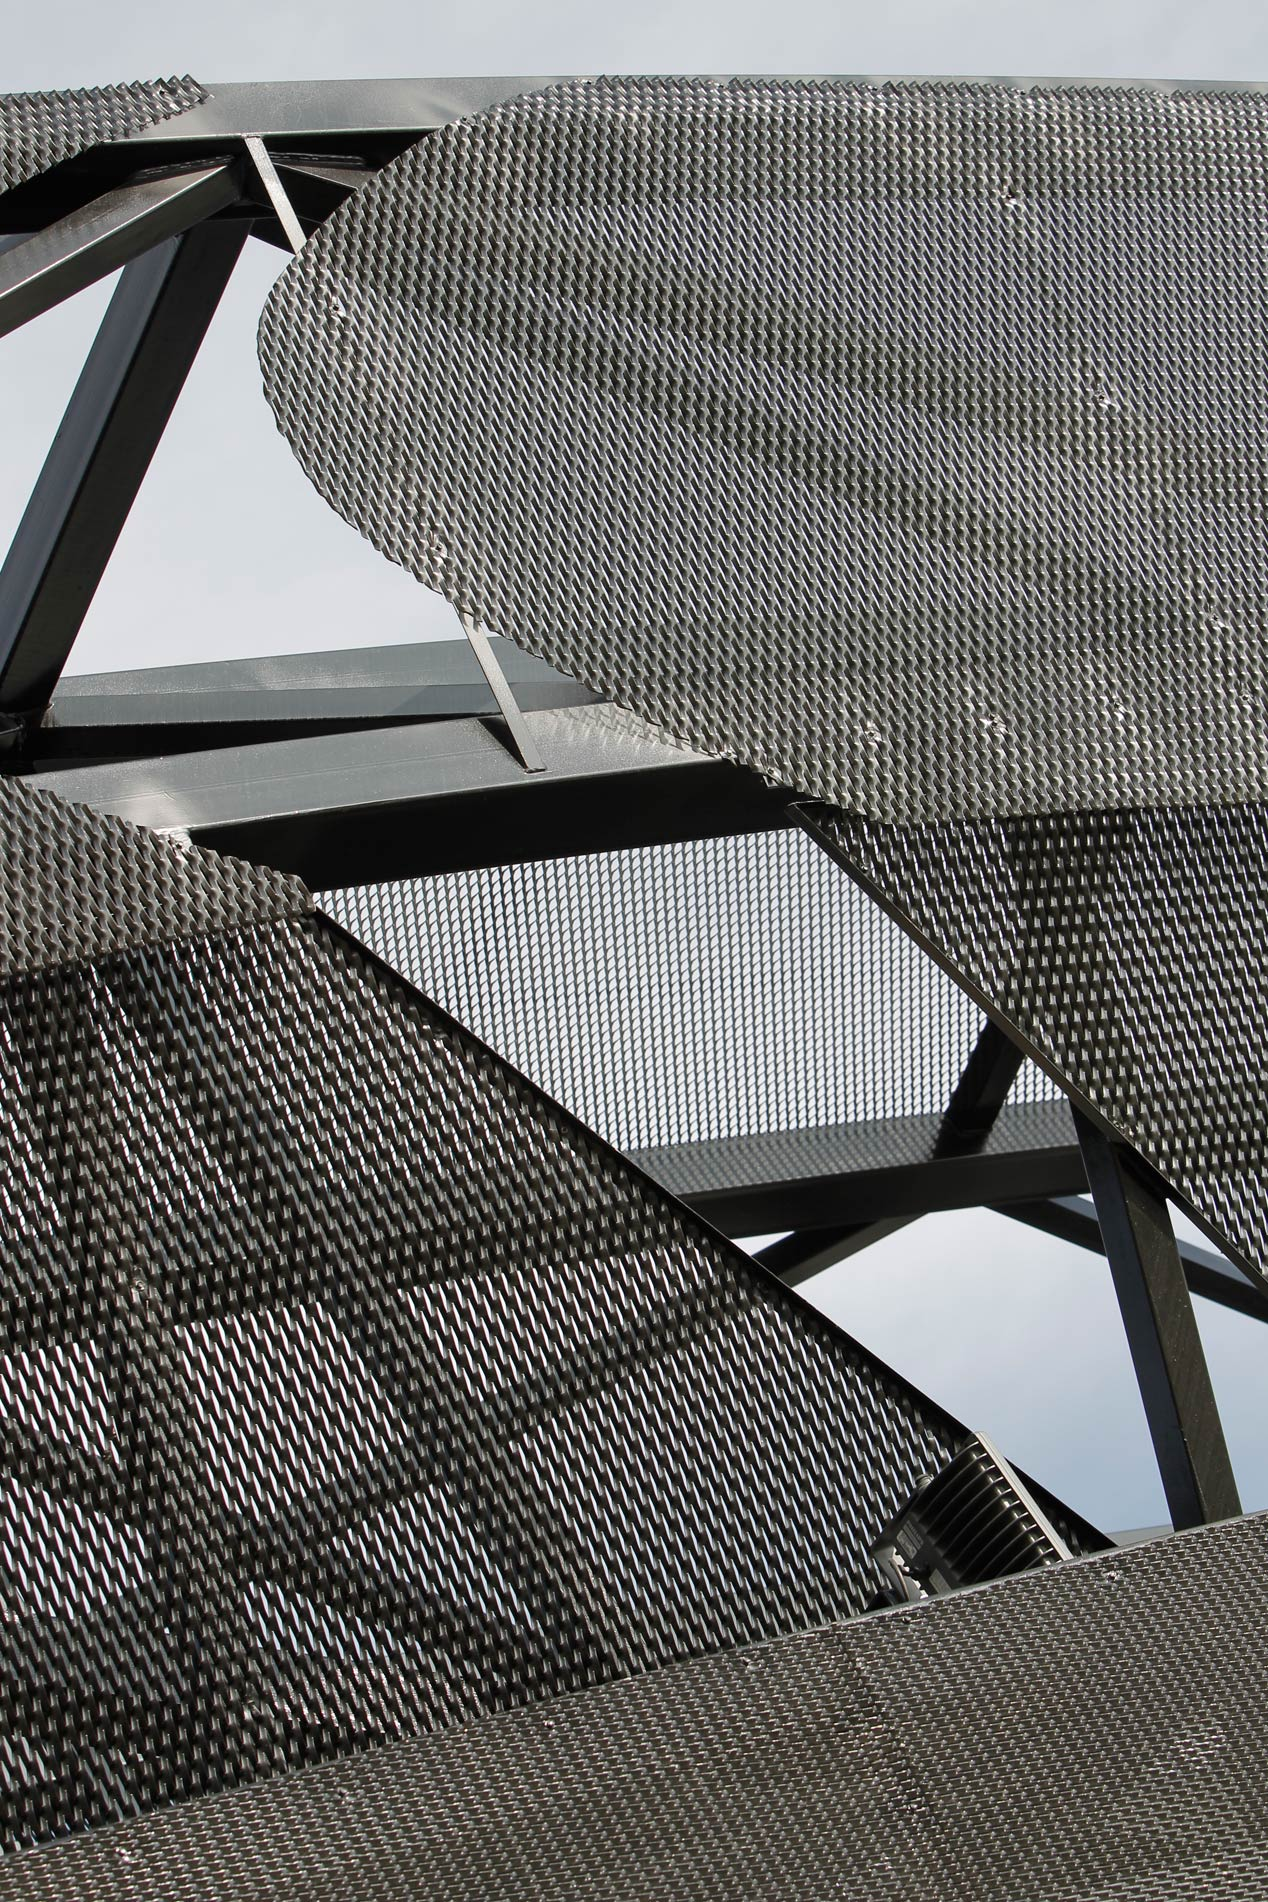 Así luce el nuevo puente Dunlop del Circuito del Jarama